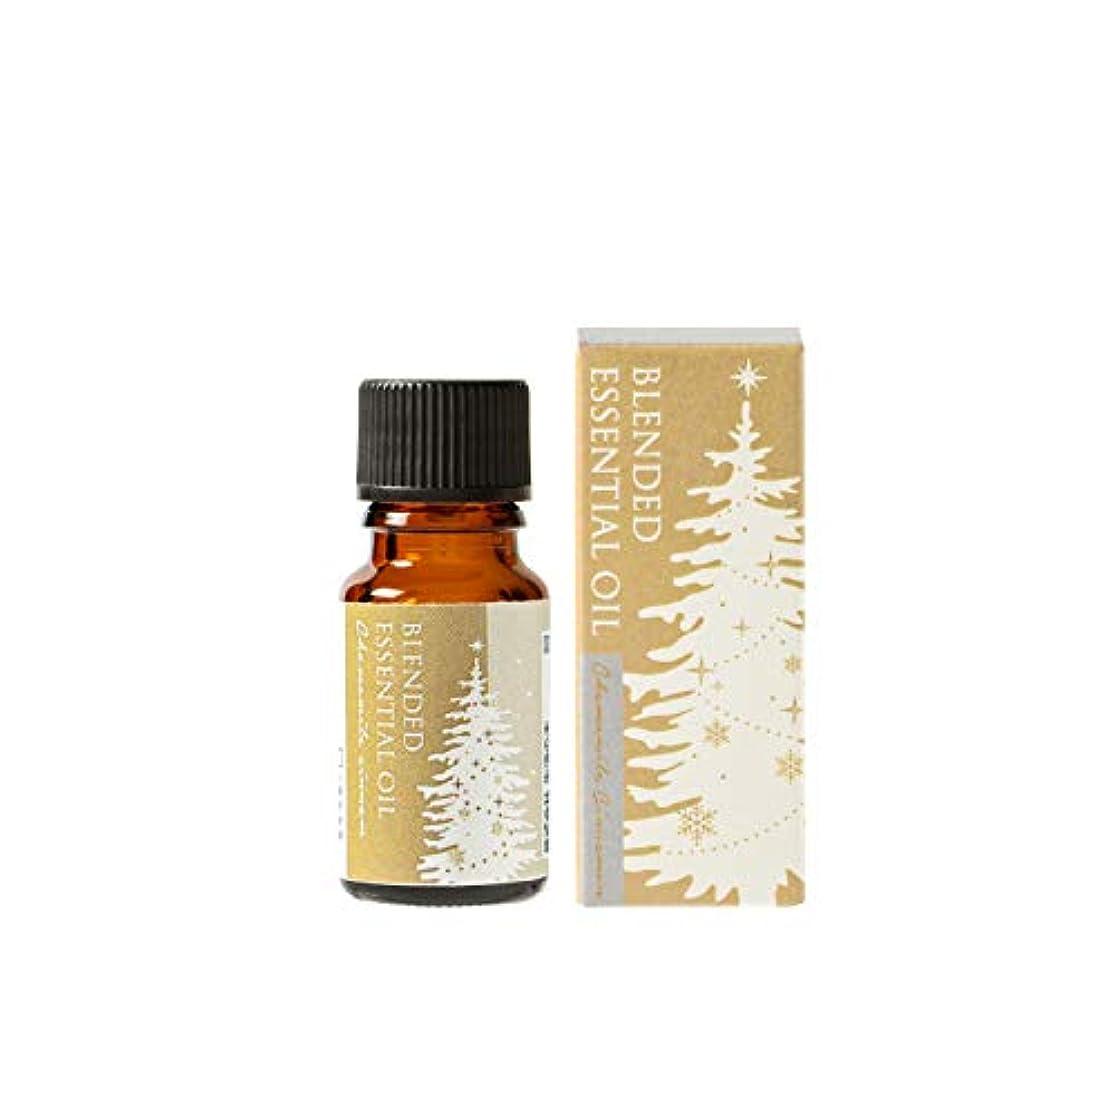 じゃない巨人刃生活の木 ブレンド精油 カモマイルシナモン 10ml